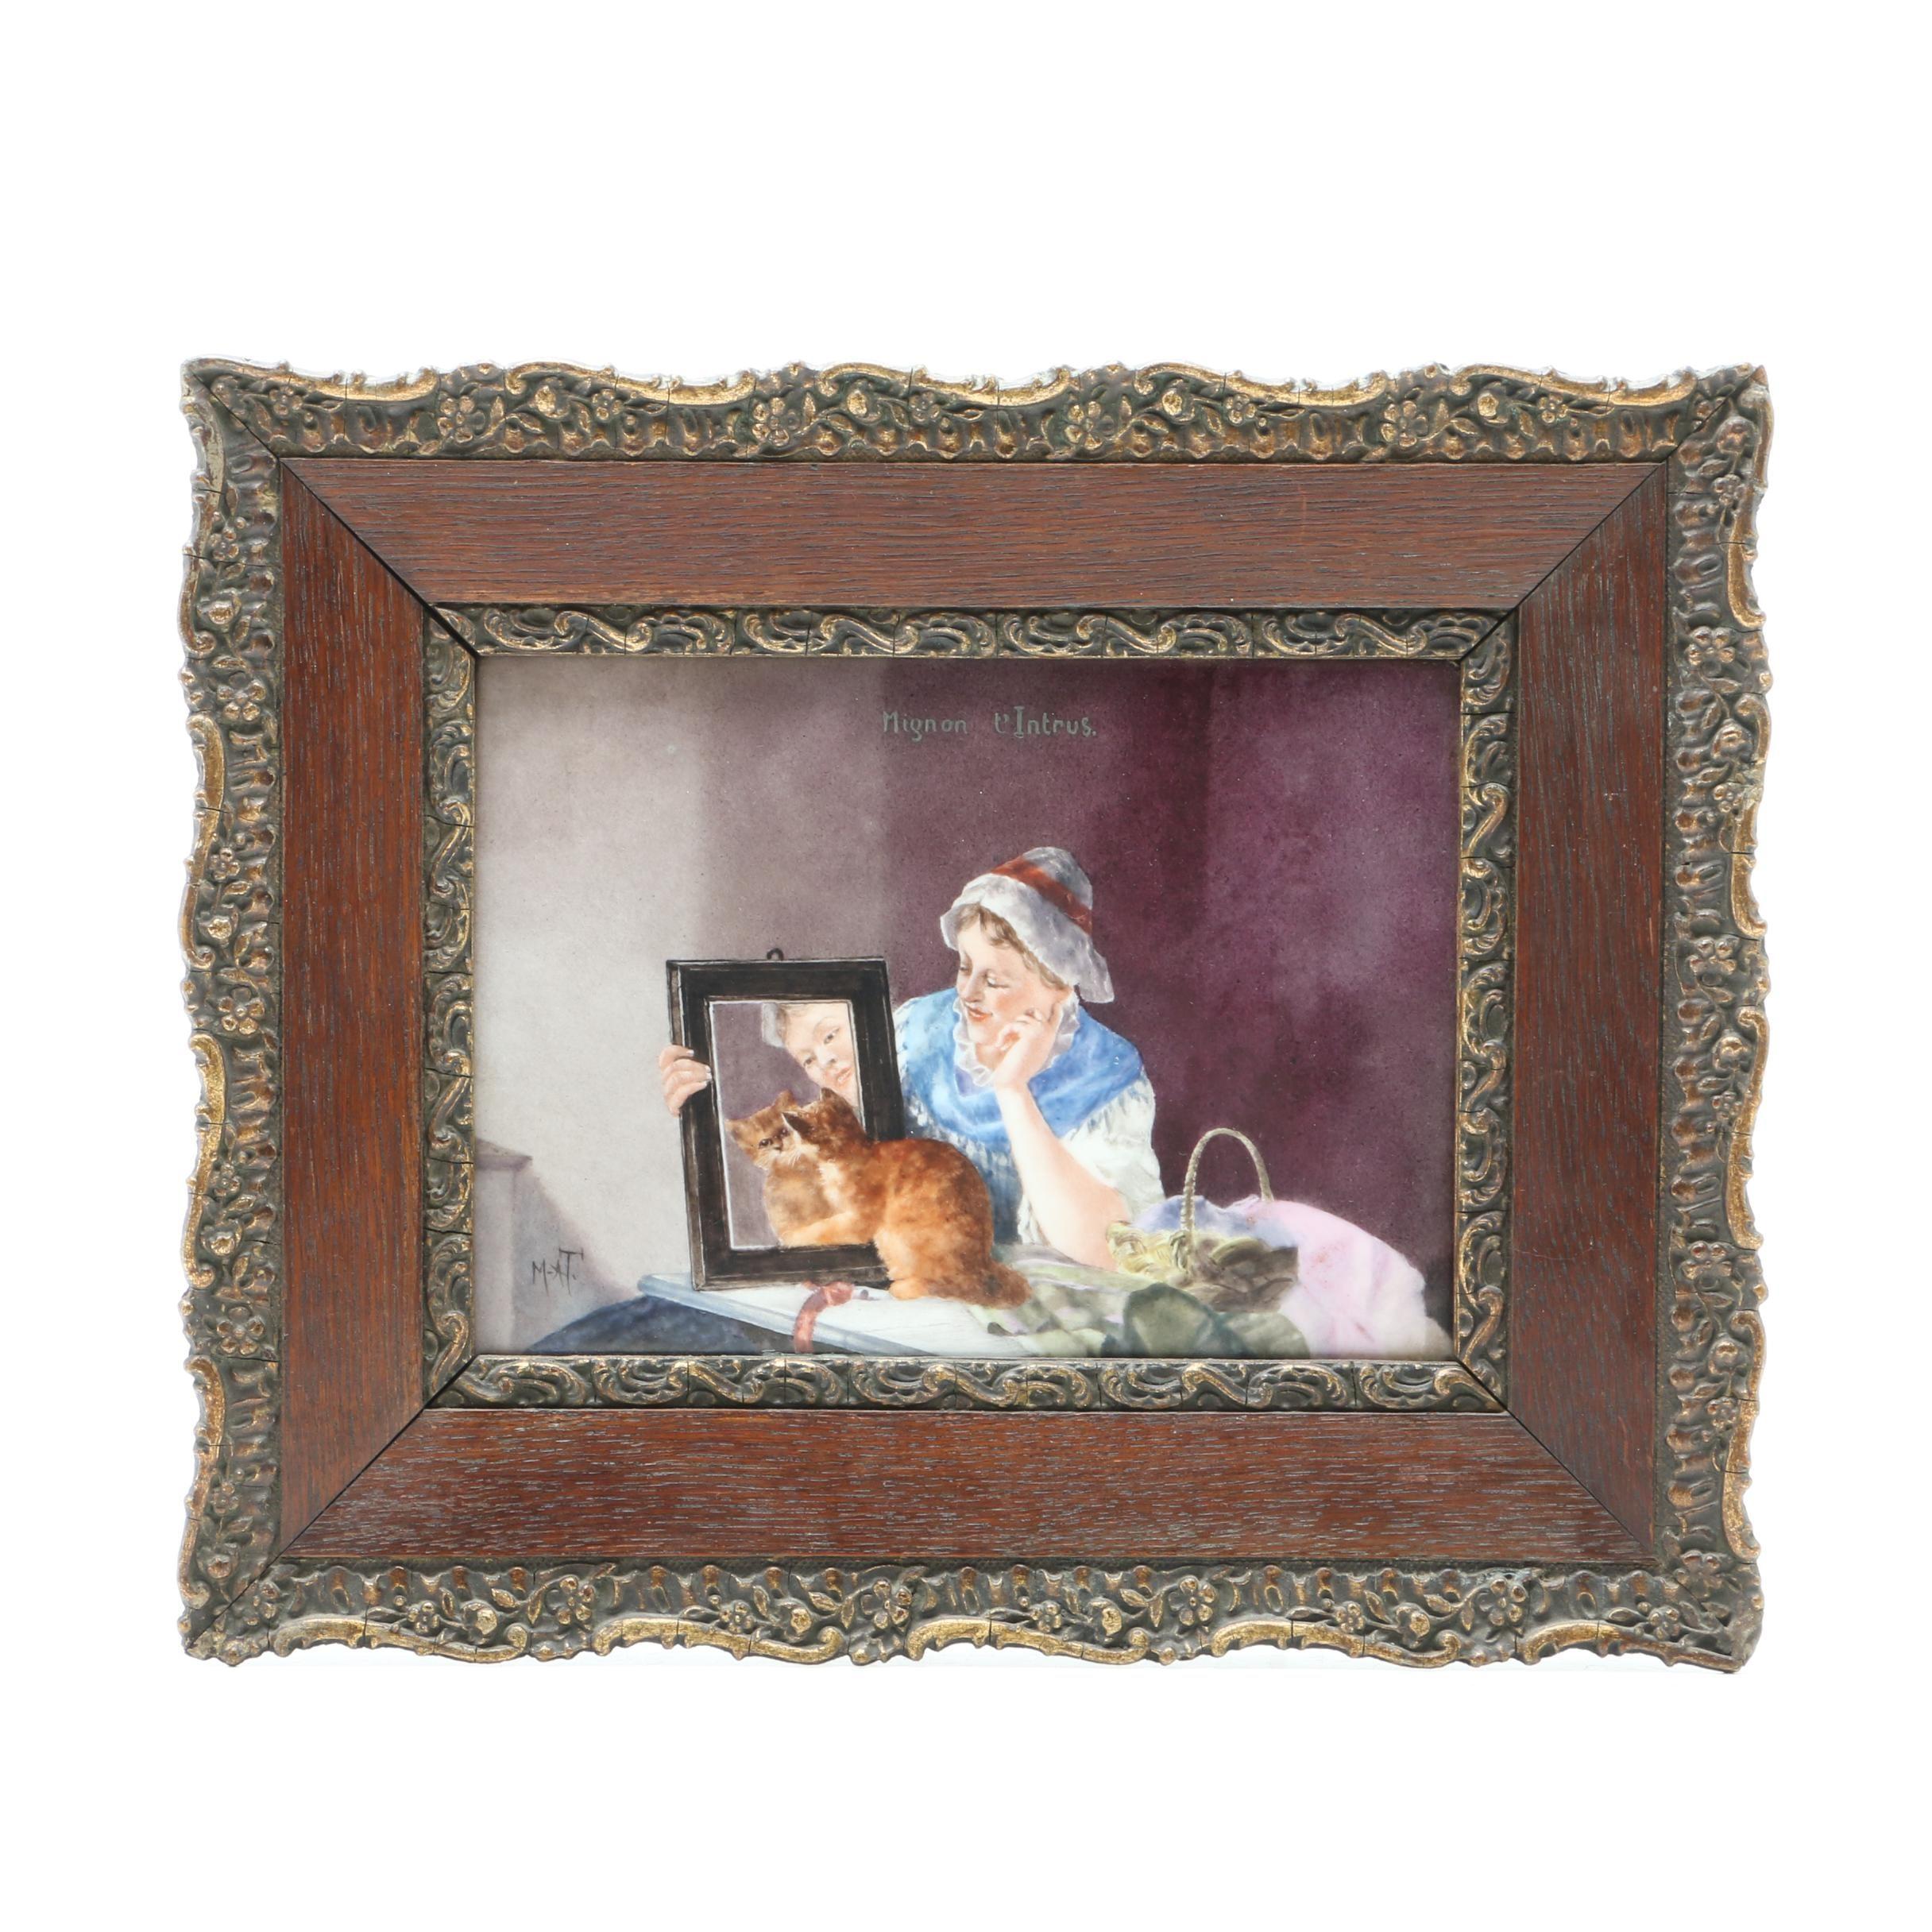 """Hand Painted and Signed Porcelain Portrait Plaque """"Mignon l'Intrus"""""""